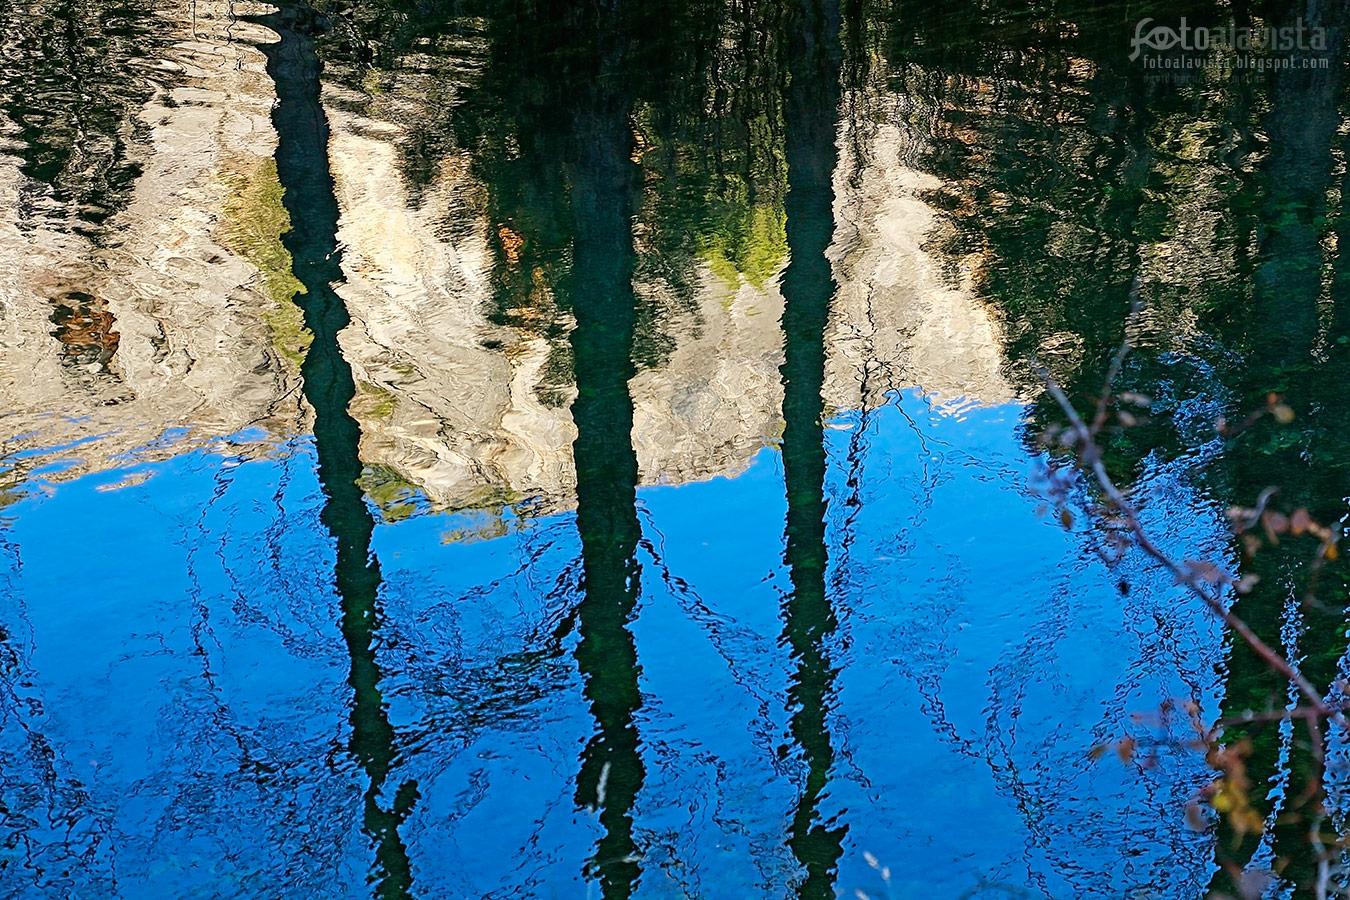 Reflejos rasgados en el agua - Fotografía